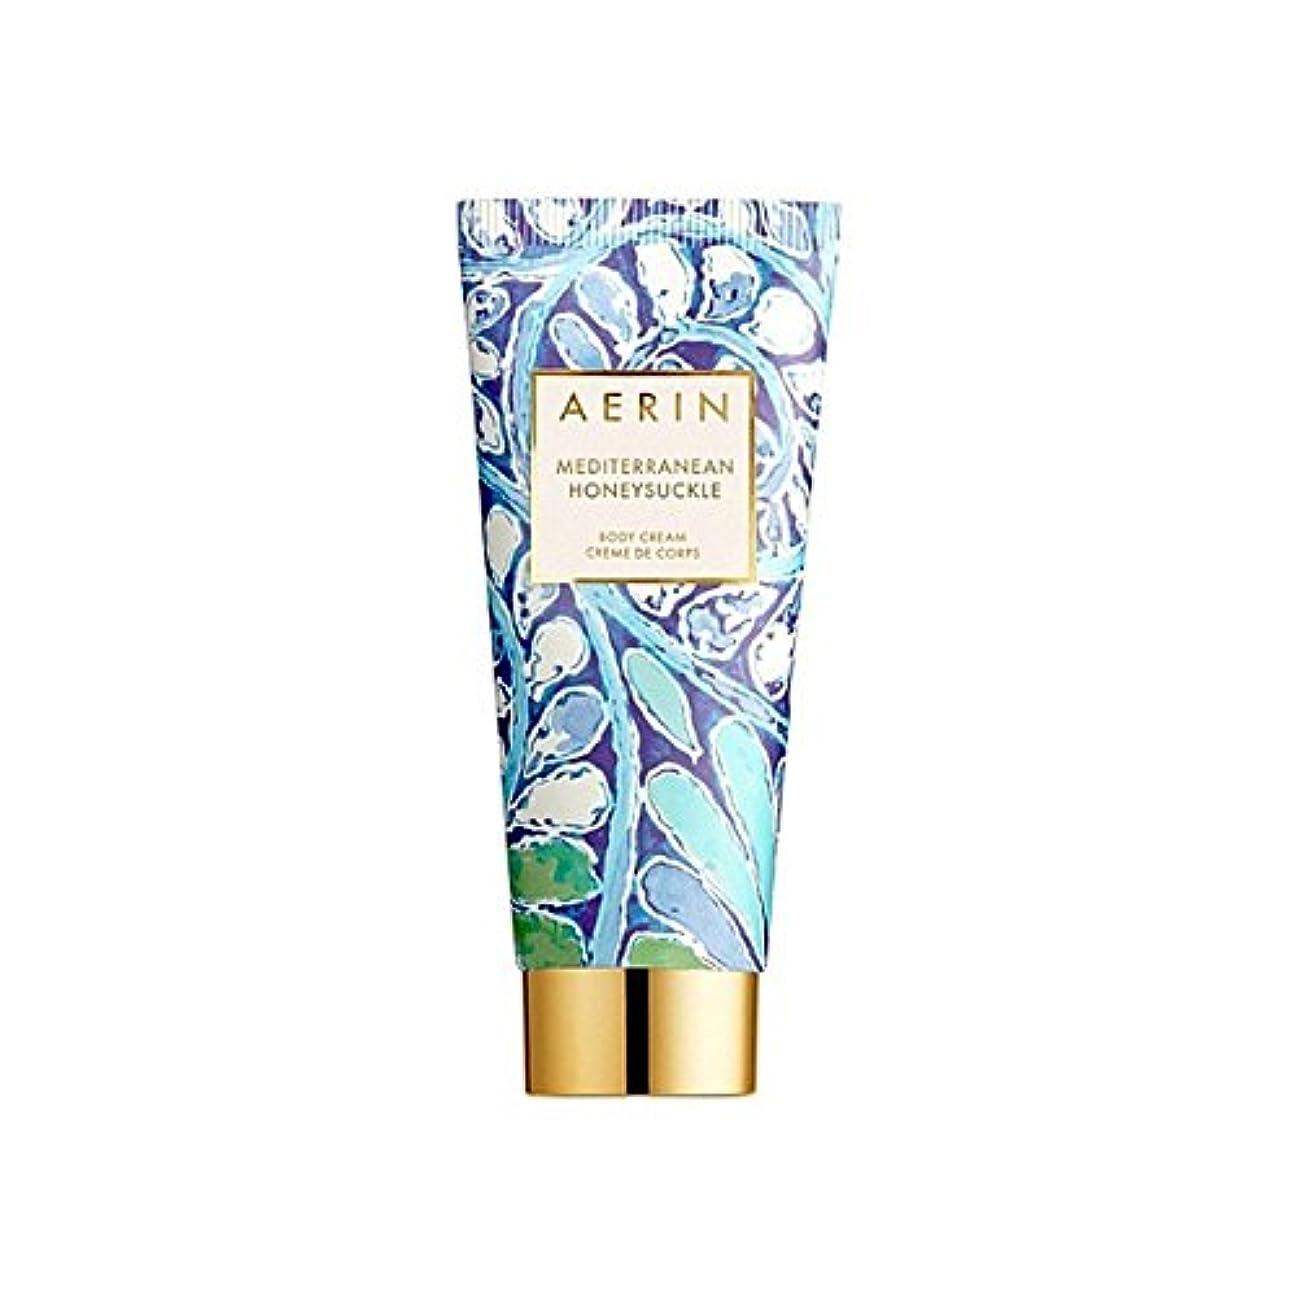 ファイアル実り多い非効率的なAerin Mediterrenean Honeysuckle Body Cream 150ml (Pack of 6) - スイカズラボディクリーム150ミリリットル x6 [並行輸入品]